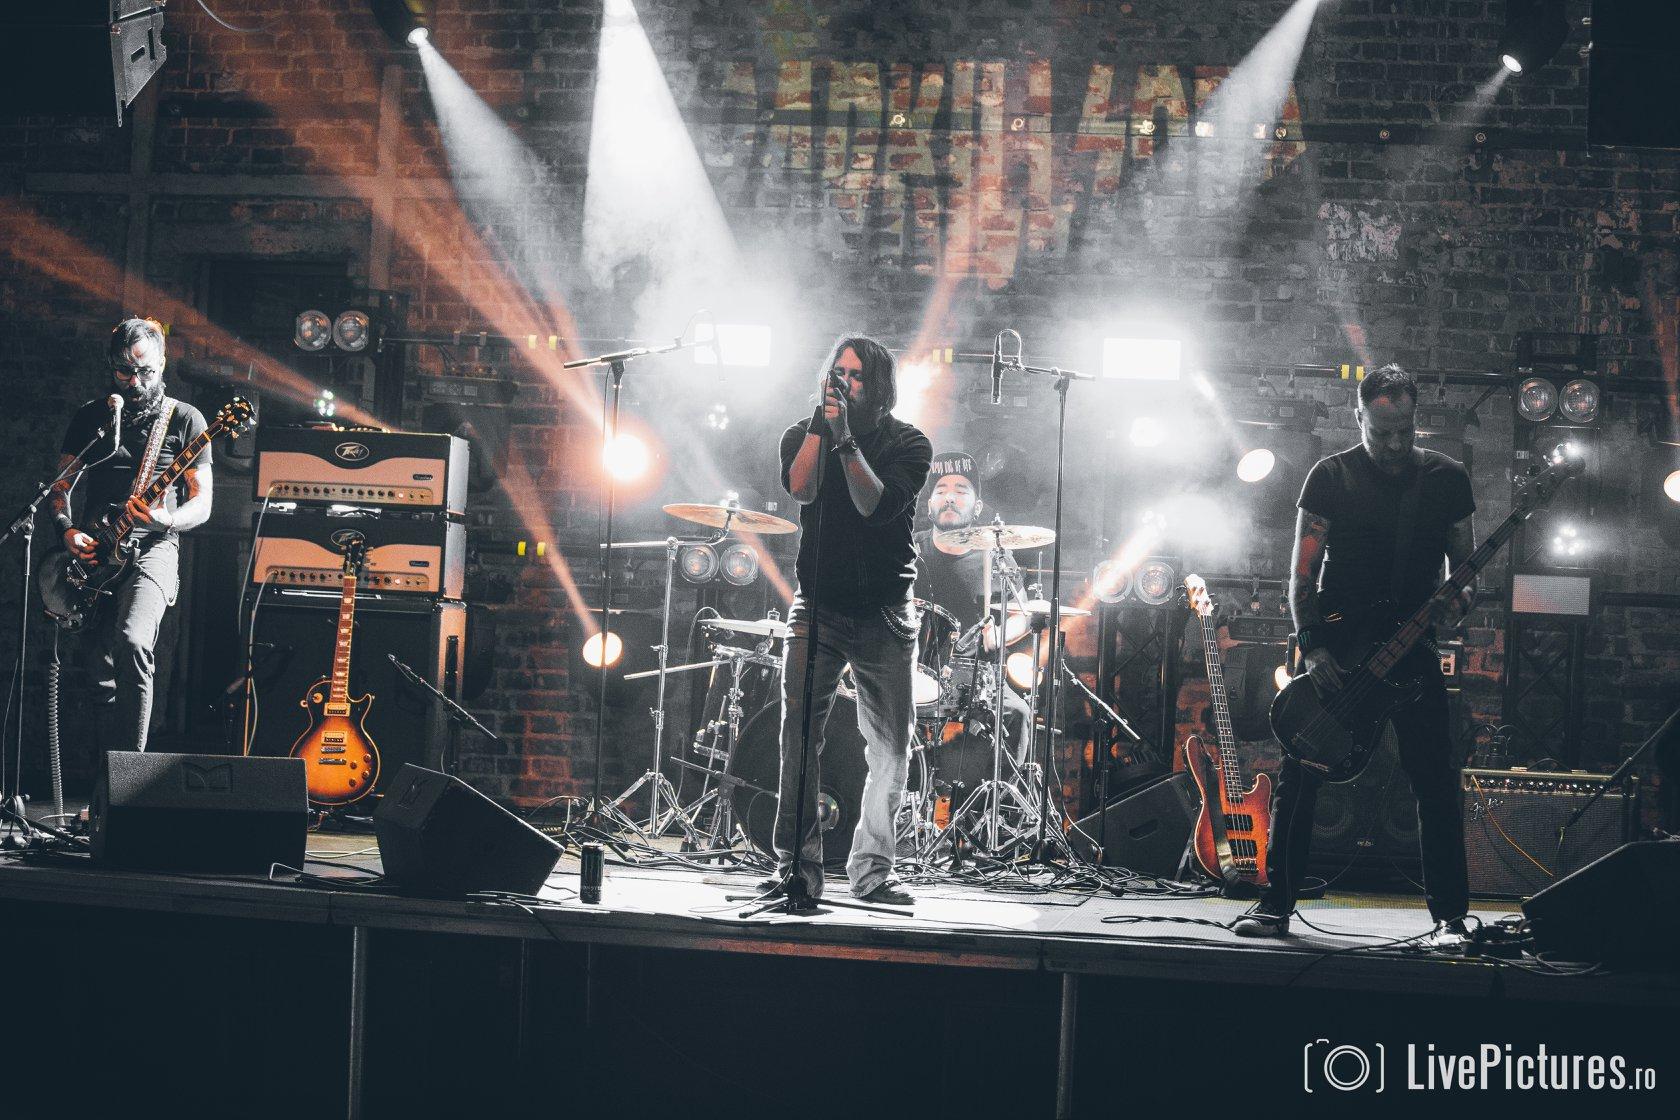 RoadkillSoda performing on stage